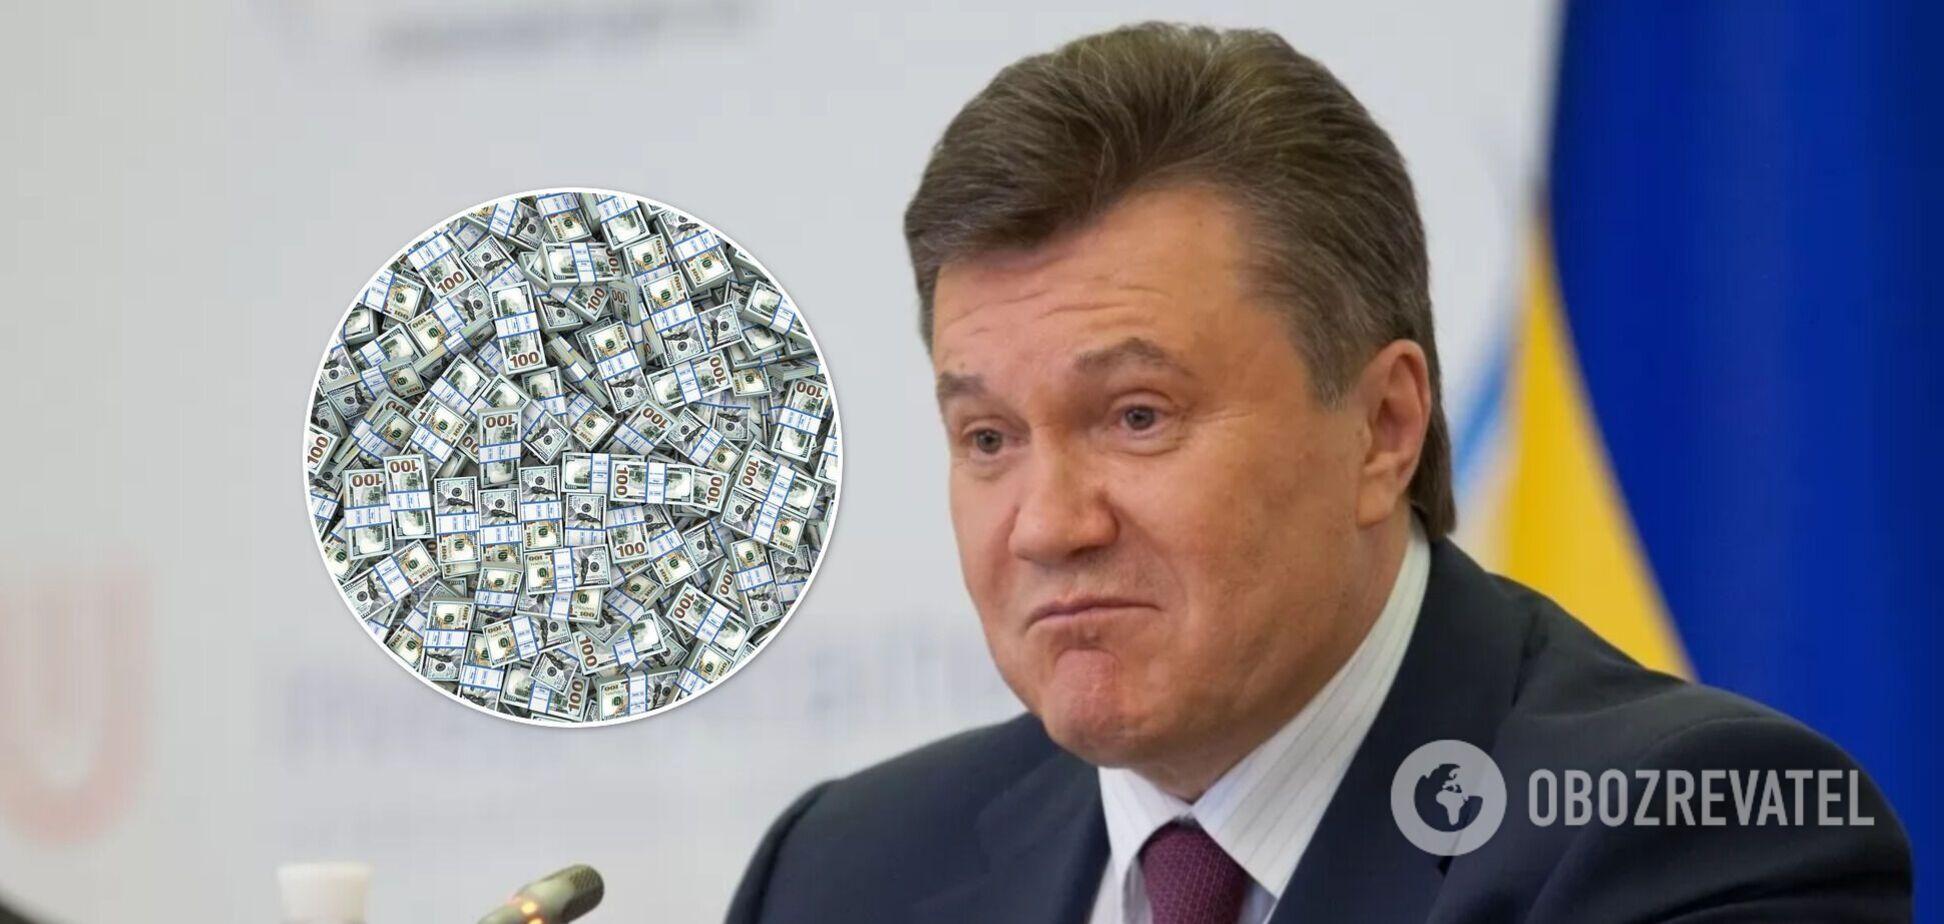 Єнін уточнив, скільки готівки конфіскували у Януковича і Ко